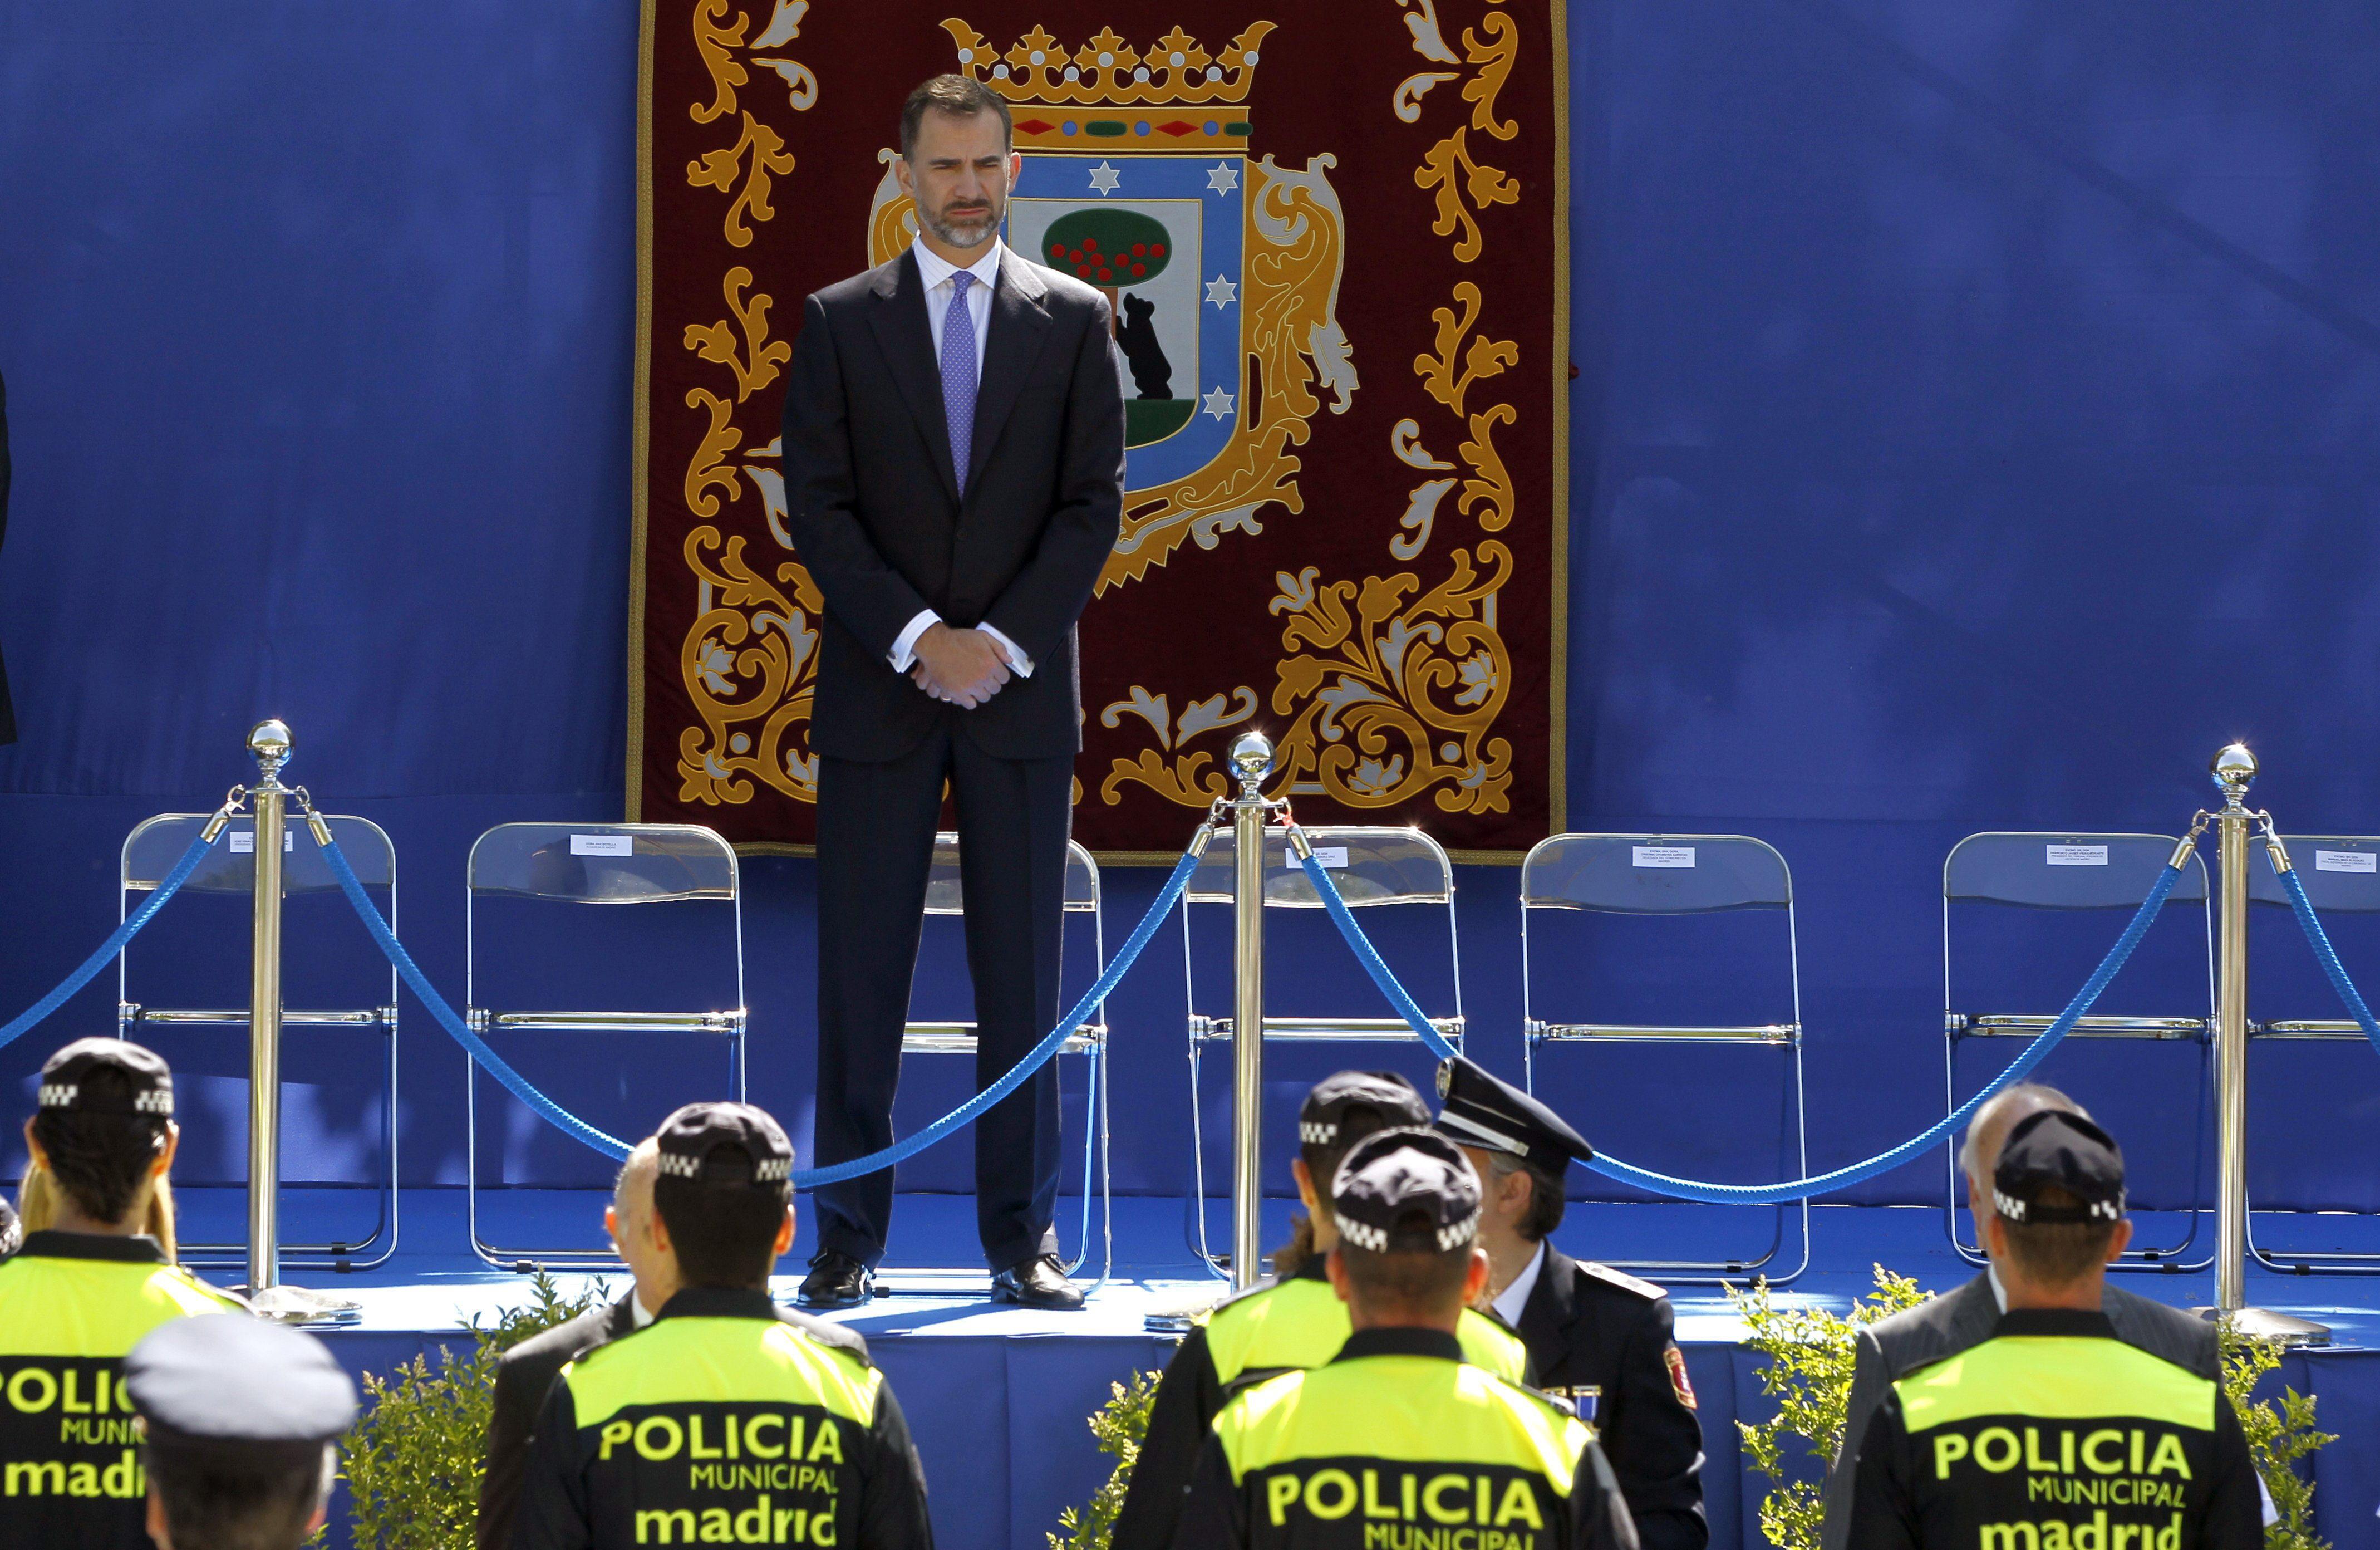 Don Felipe apuesta por Madrid 2020 en la fiesta de la Policía Municipal